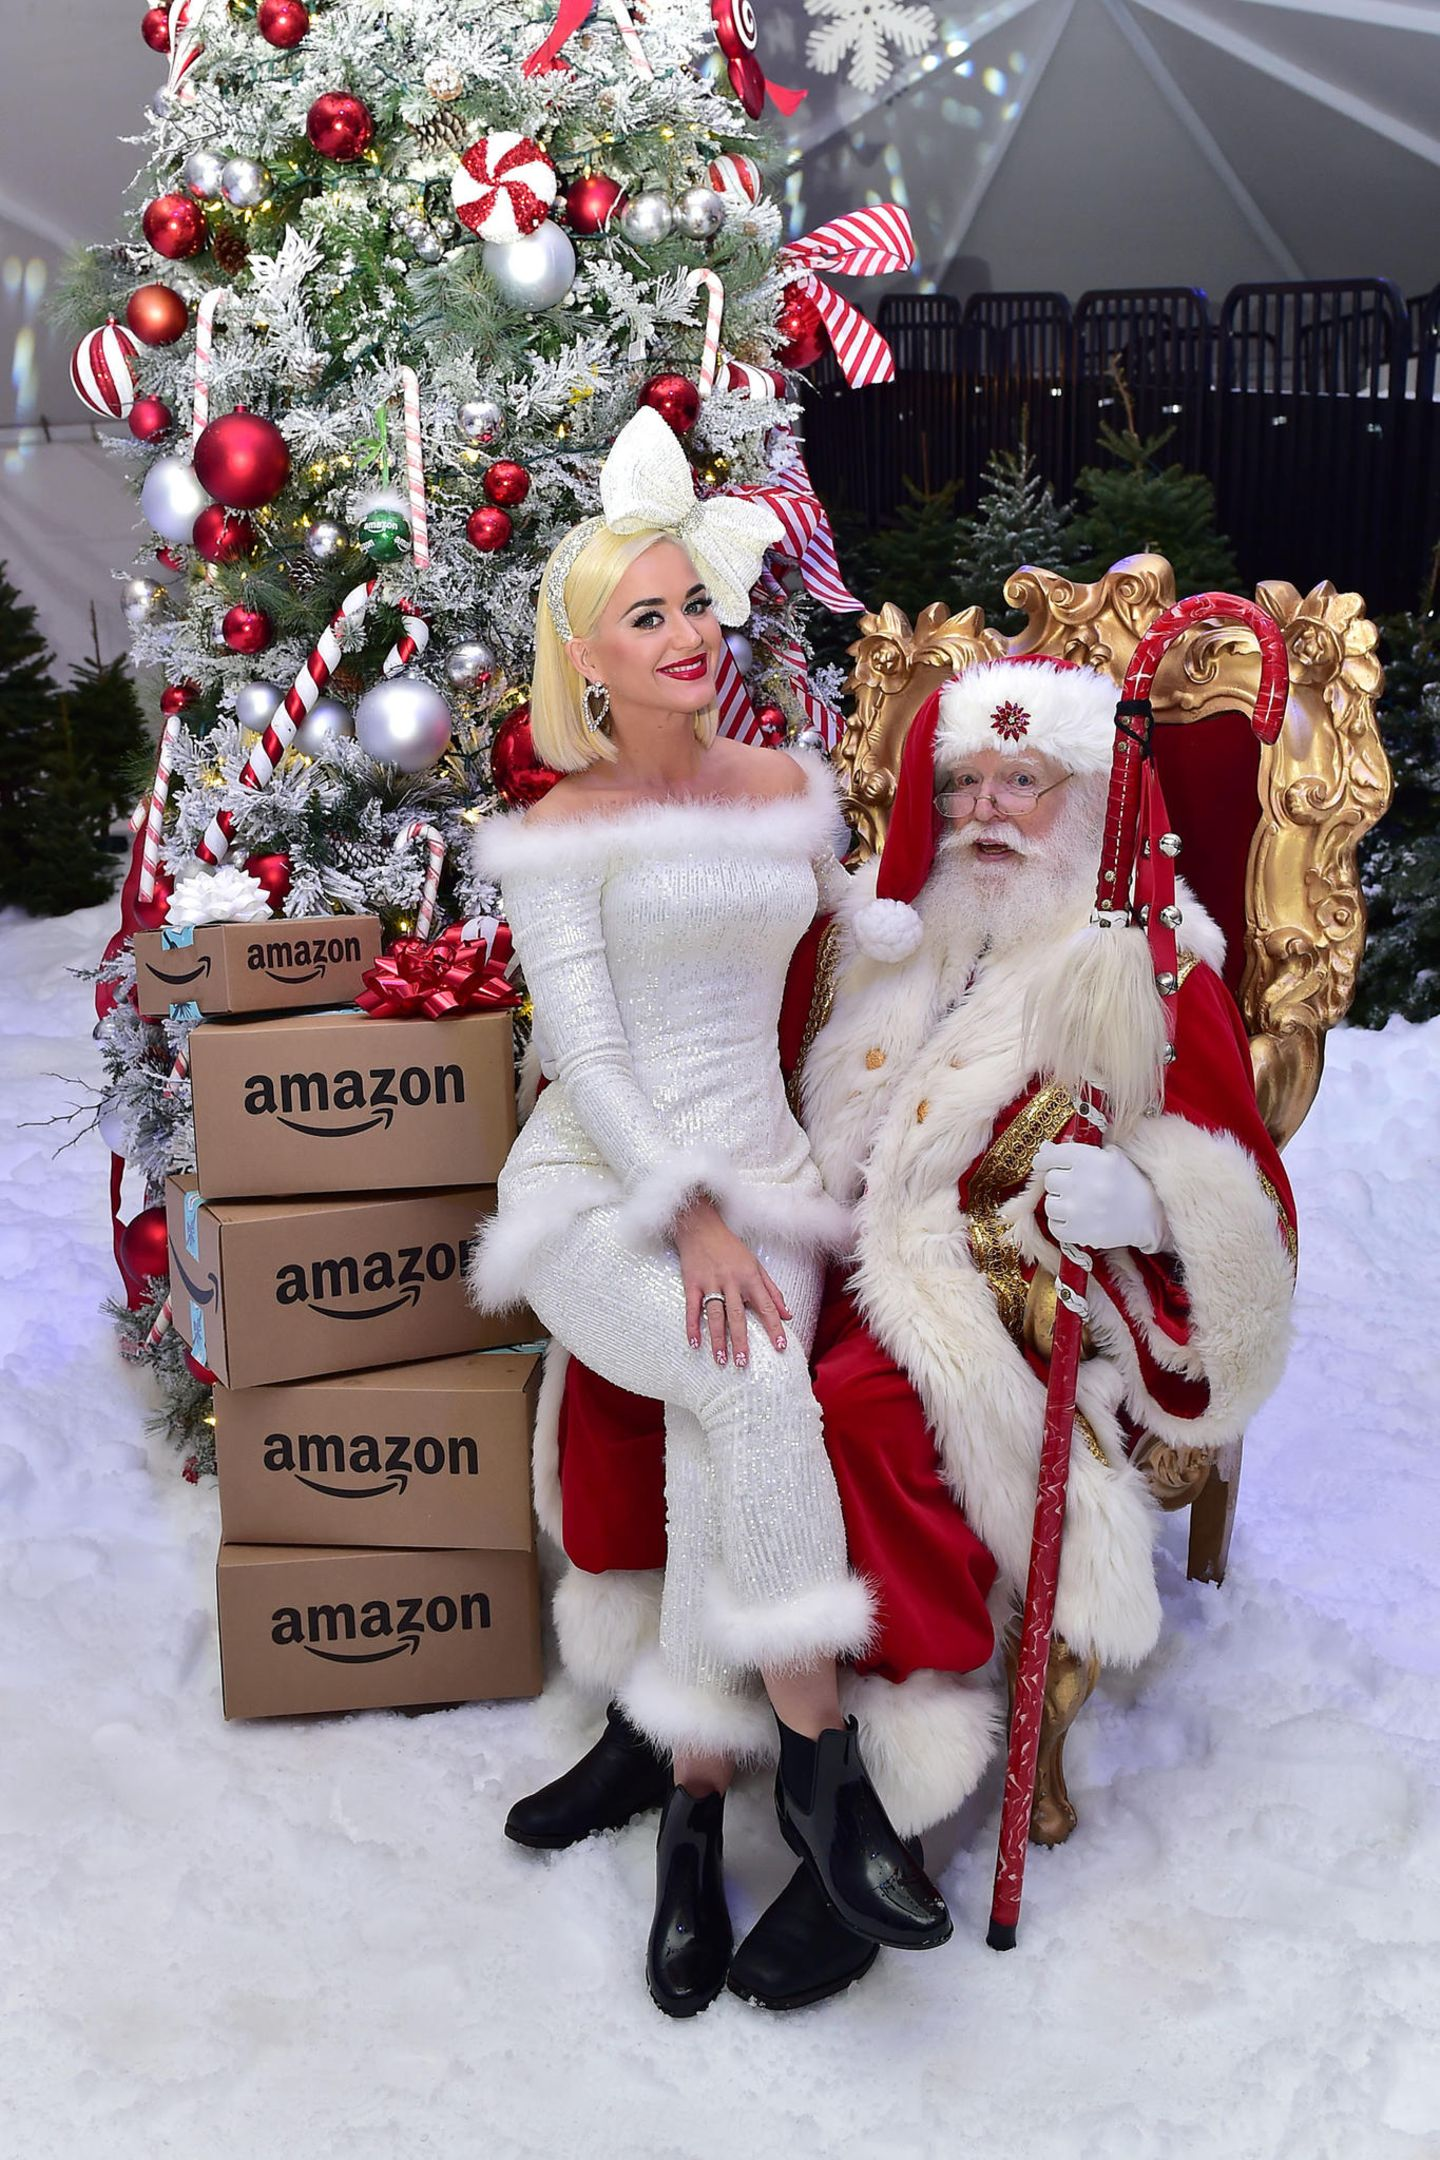 Na, Katy Perry, warst du auch brav? Bei einem Charity-Event in Los Angeles, darf die Sängerin auf dem Schoß vom Weihnachtsmann sitzen.